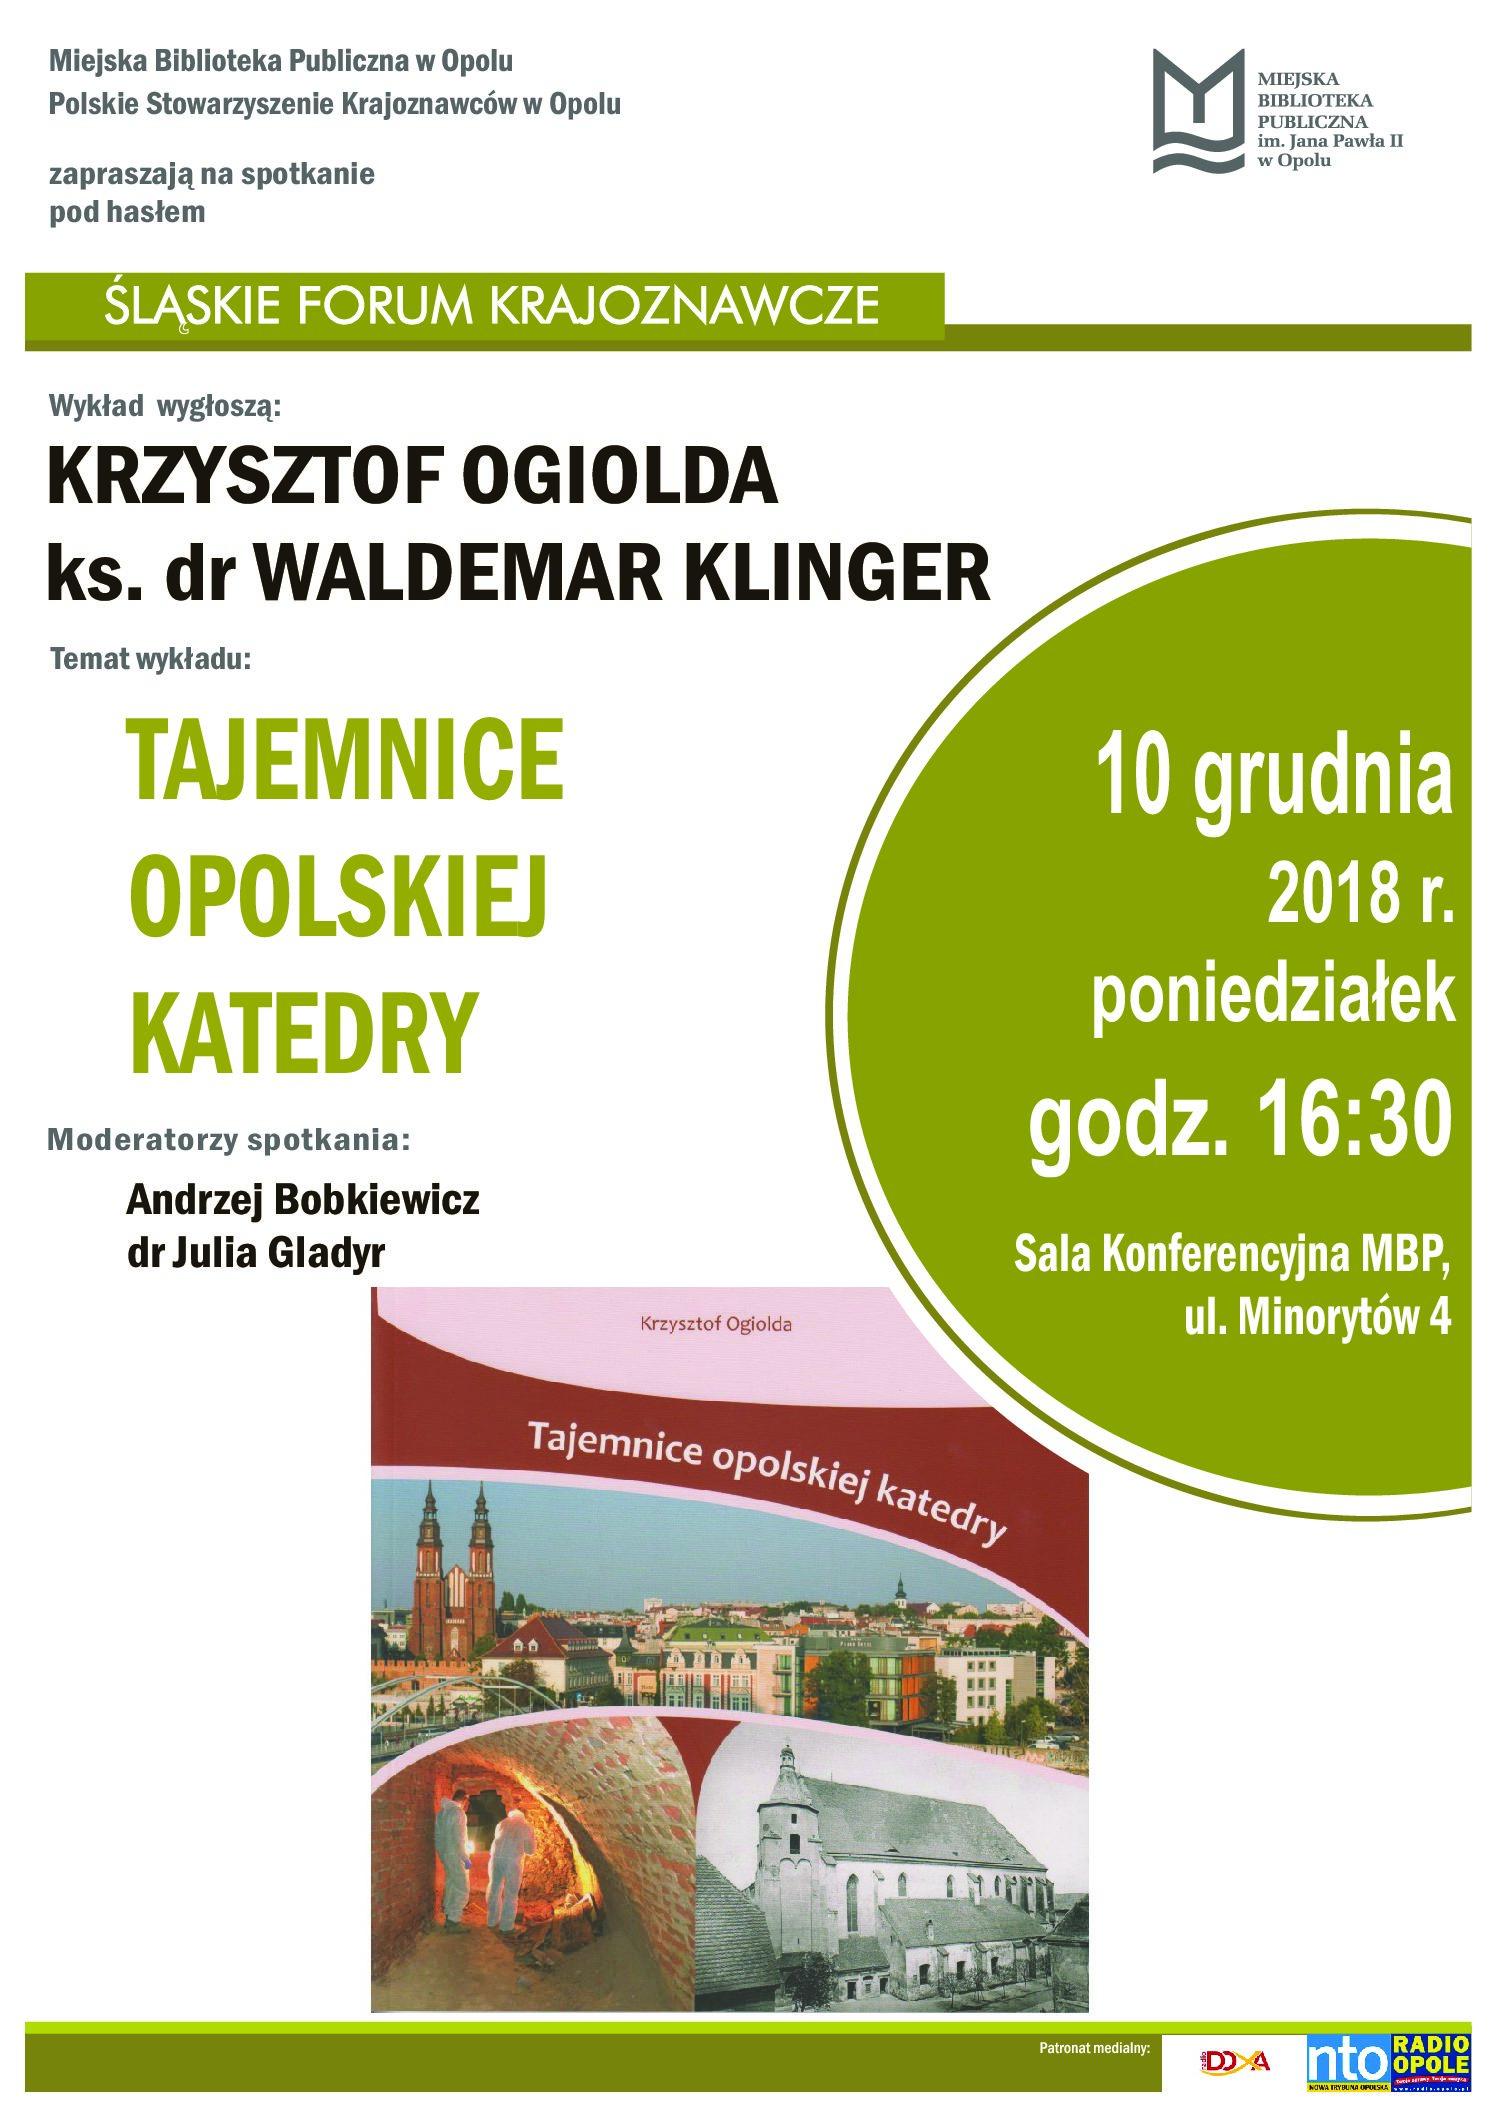 Śląskie Forum Krajoznawcze